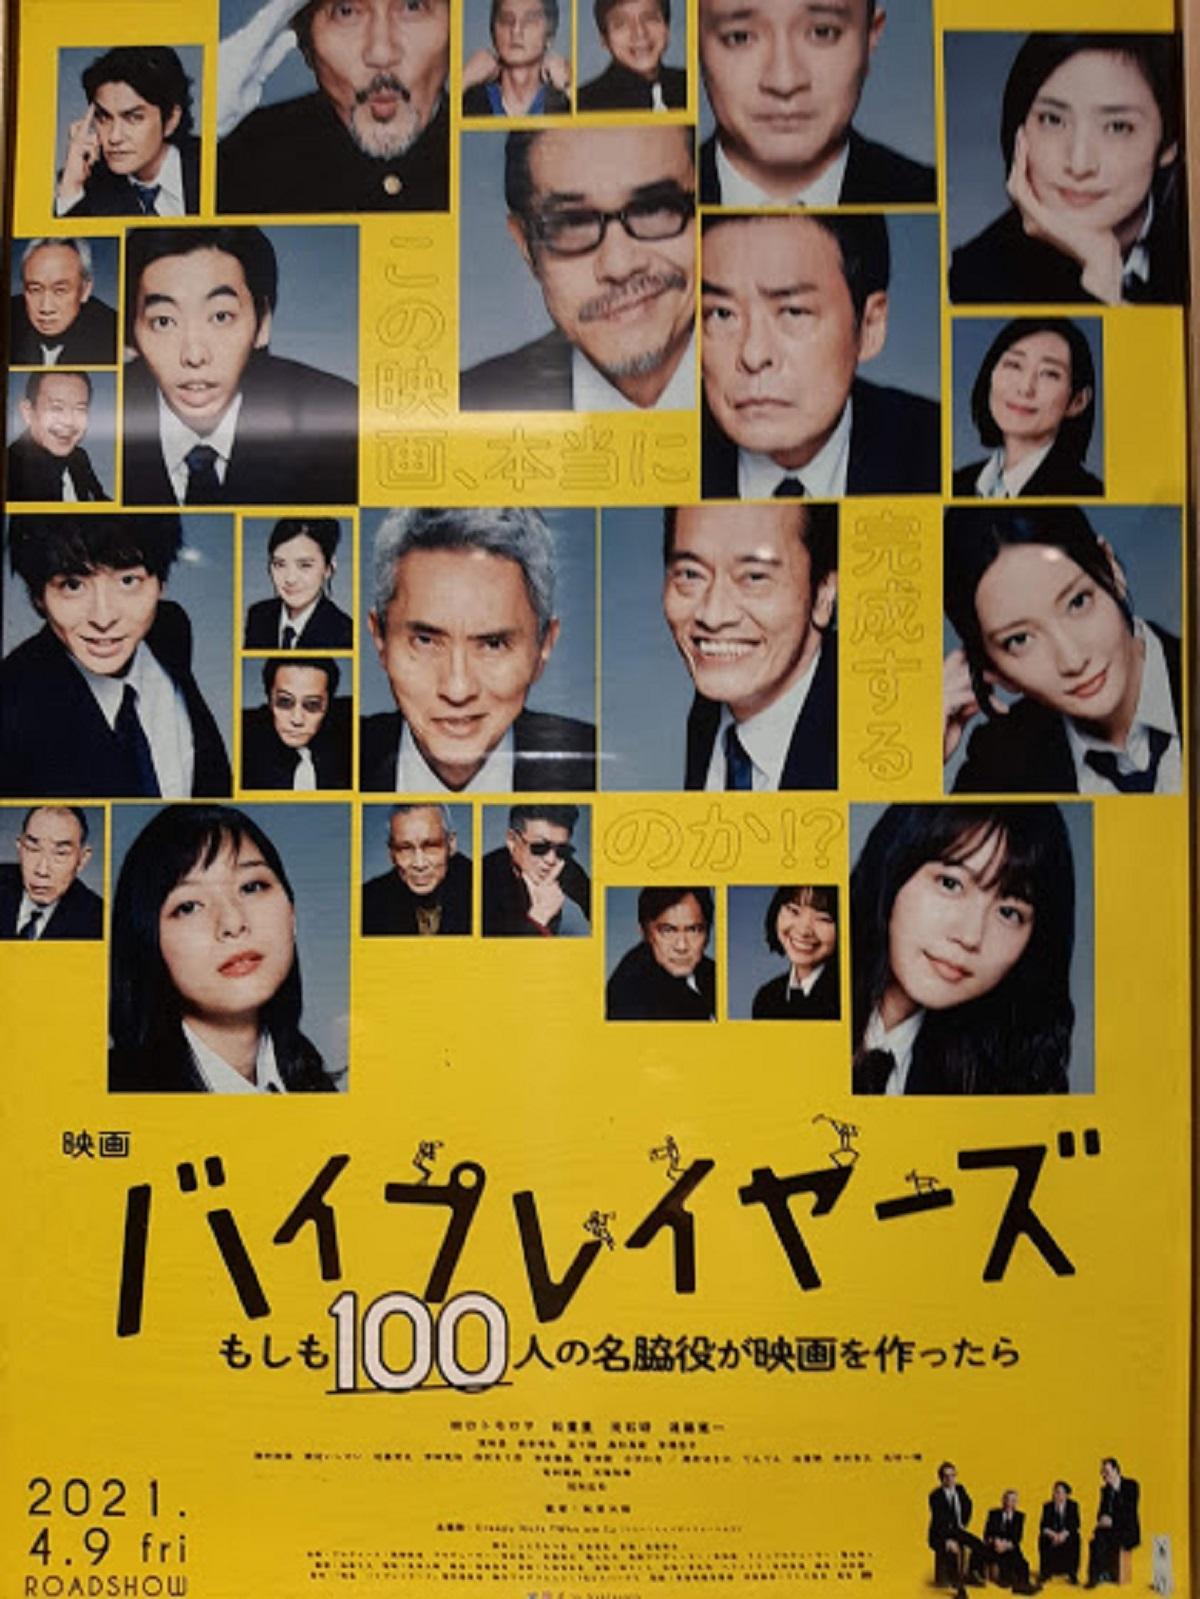 映画『バイプレーヤーズ』のポスター